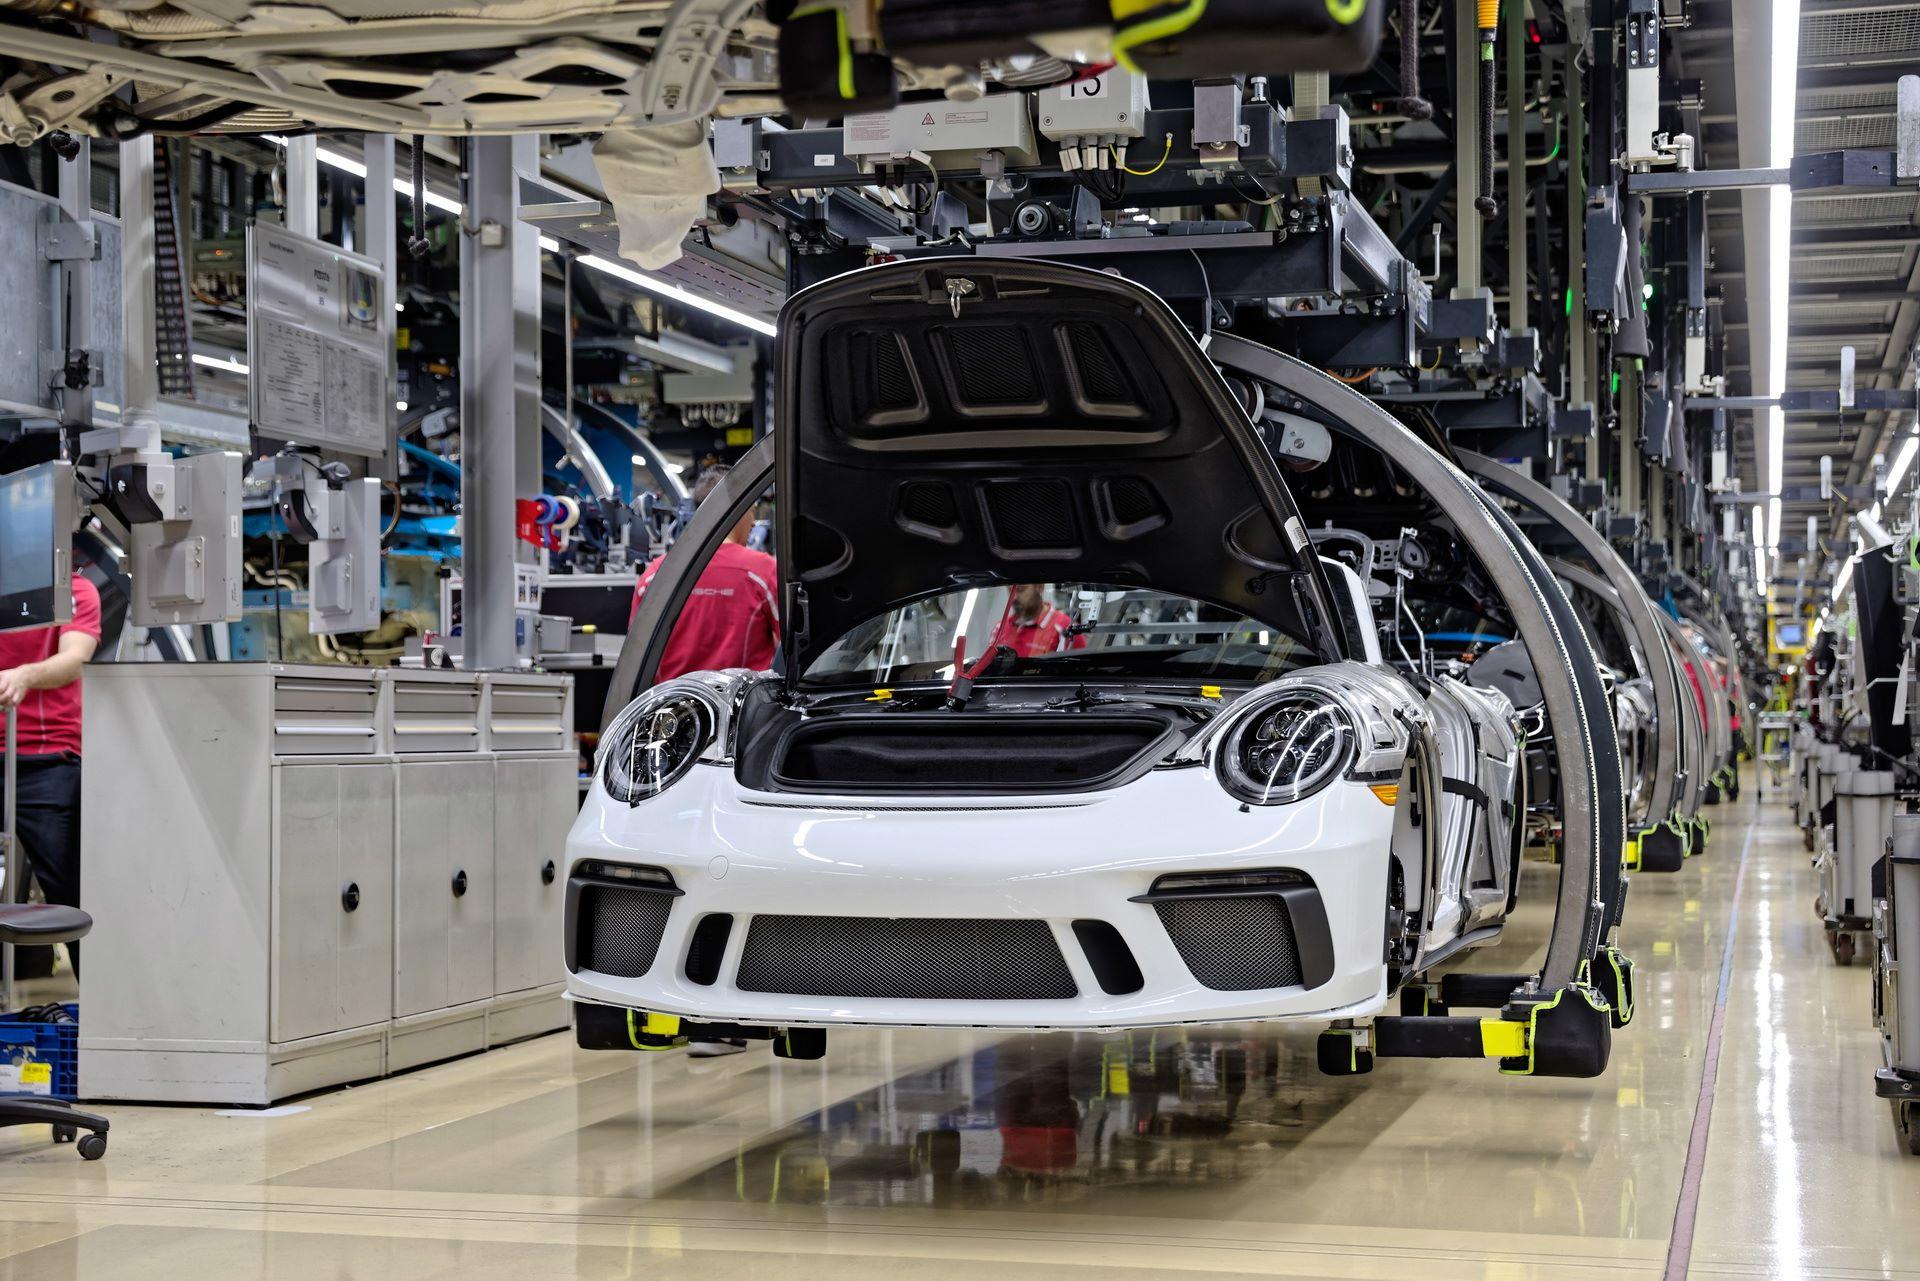 1_Last-Porsche-991-911-Speedster-plant-factory-workers-1